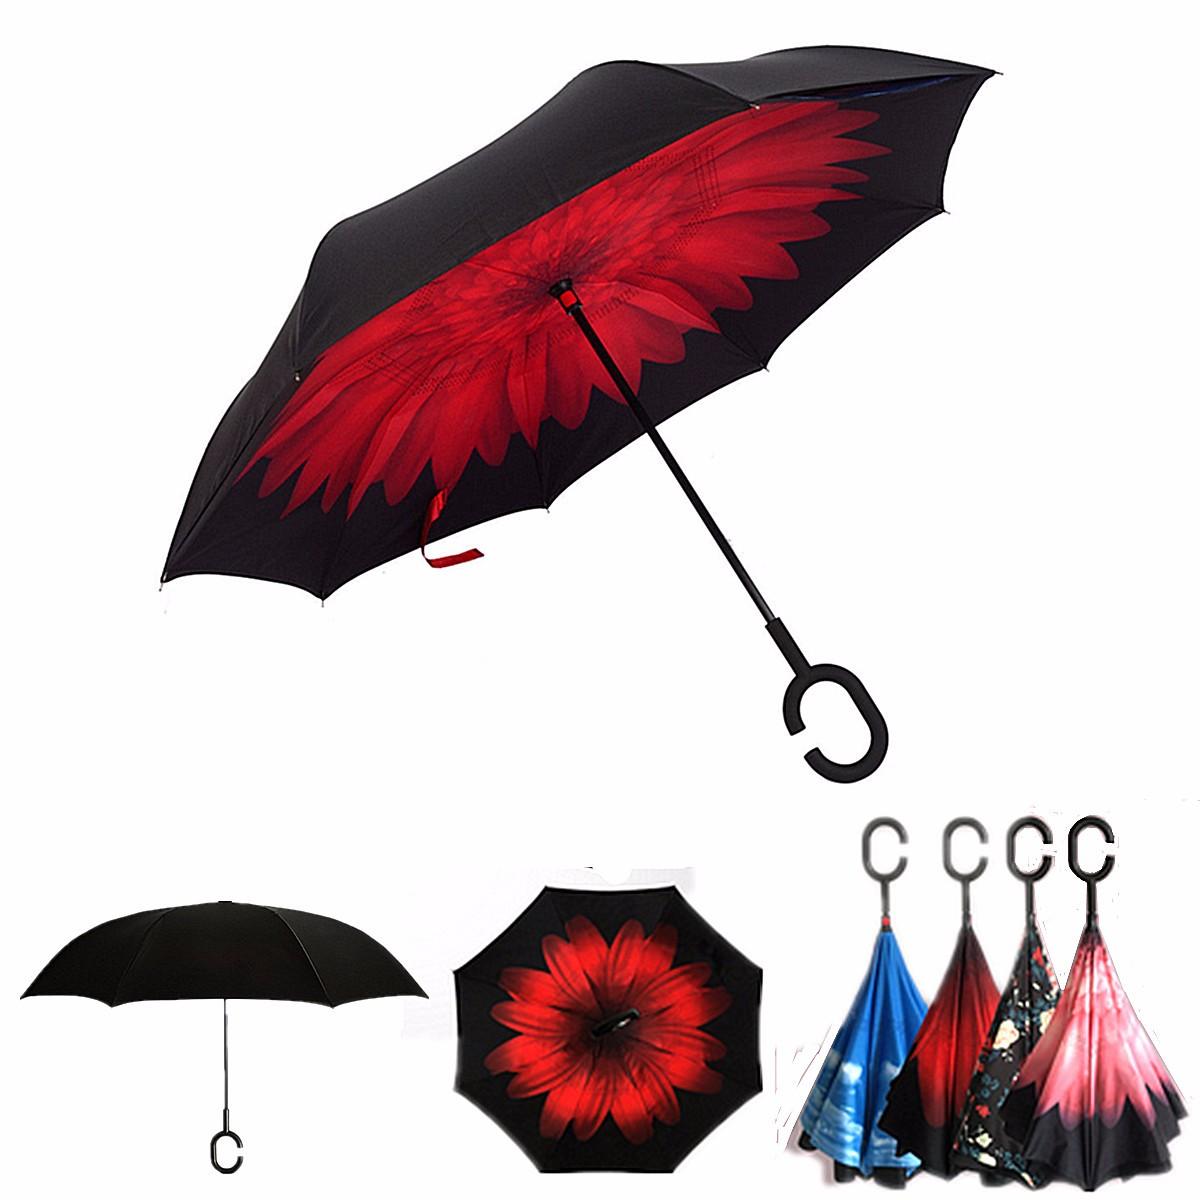 parapluie tanche inverse automatique anti uv pliable pluie soleil cr atif 106 80cm sakura. Black Bedroom Furniture Sets. Home Design Ideas